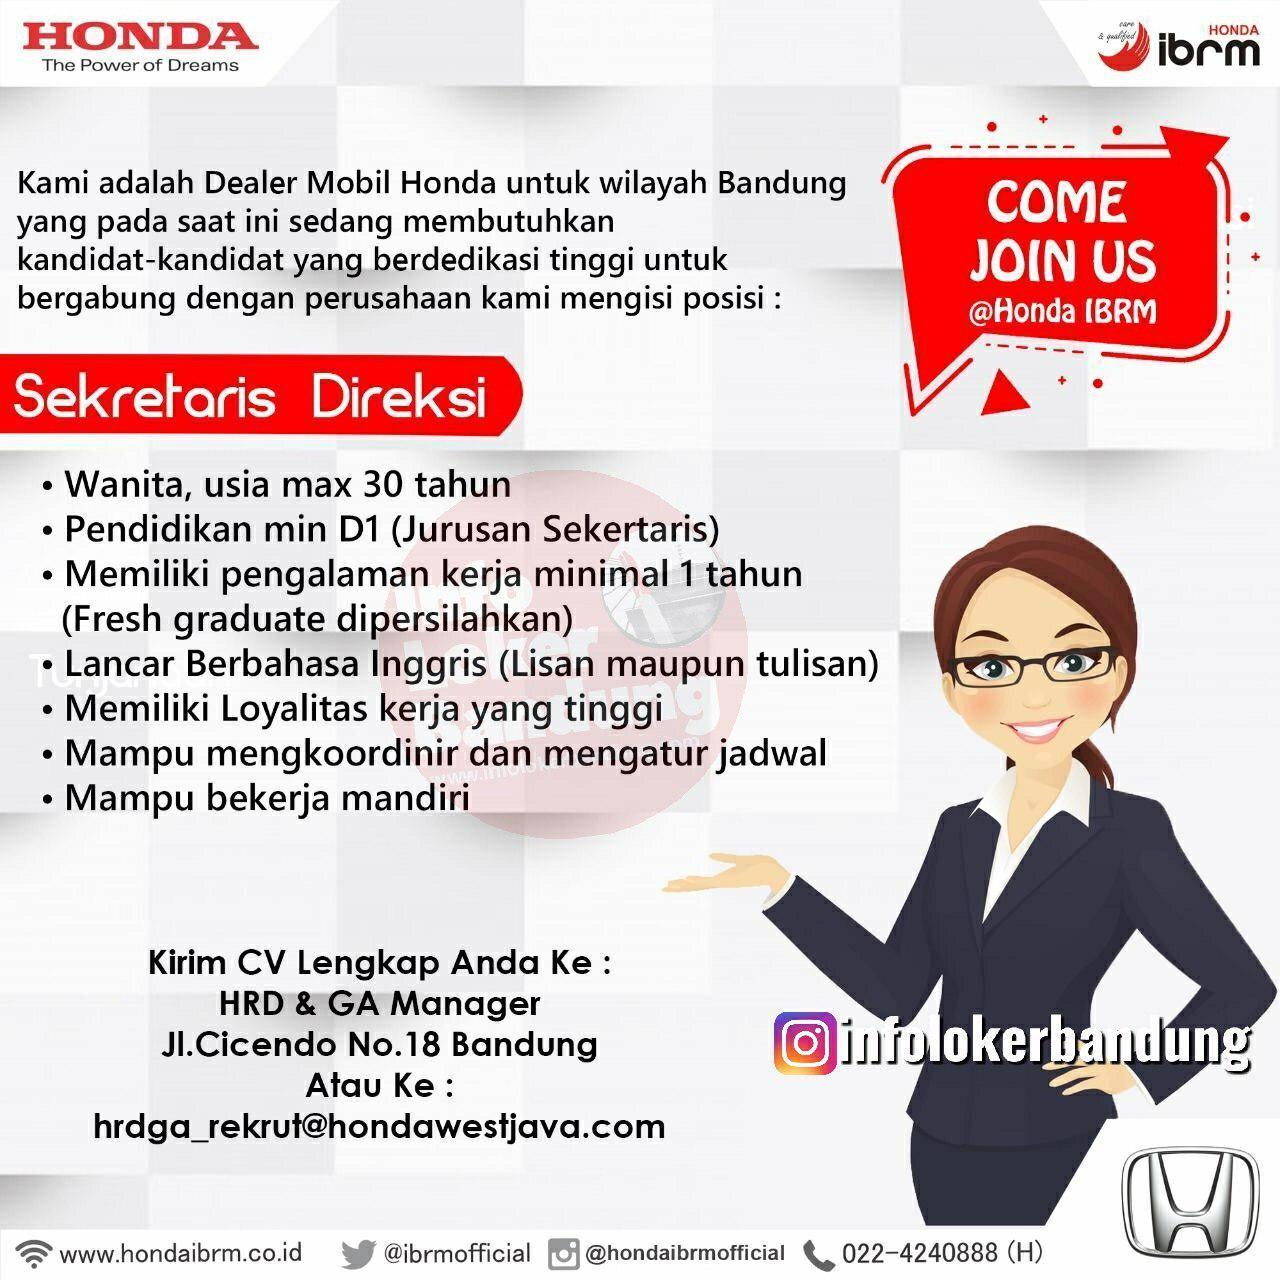 Lowongan Kerja Sekretaris Direksi Honda IBRM Bandung Mei 2019